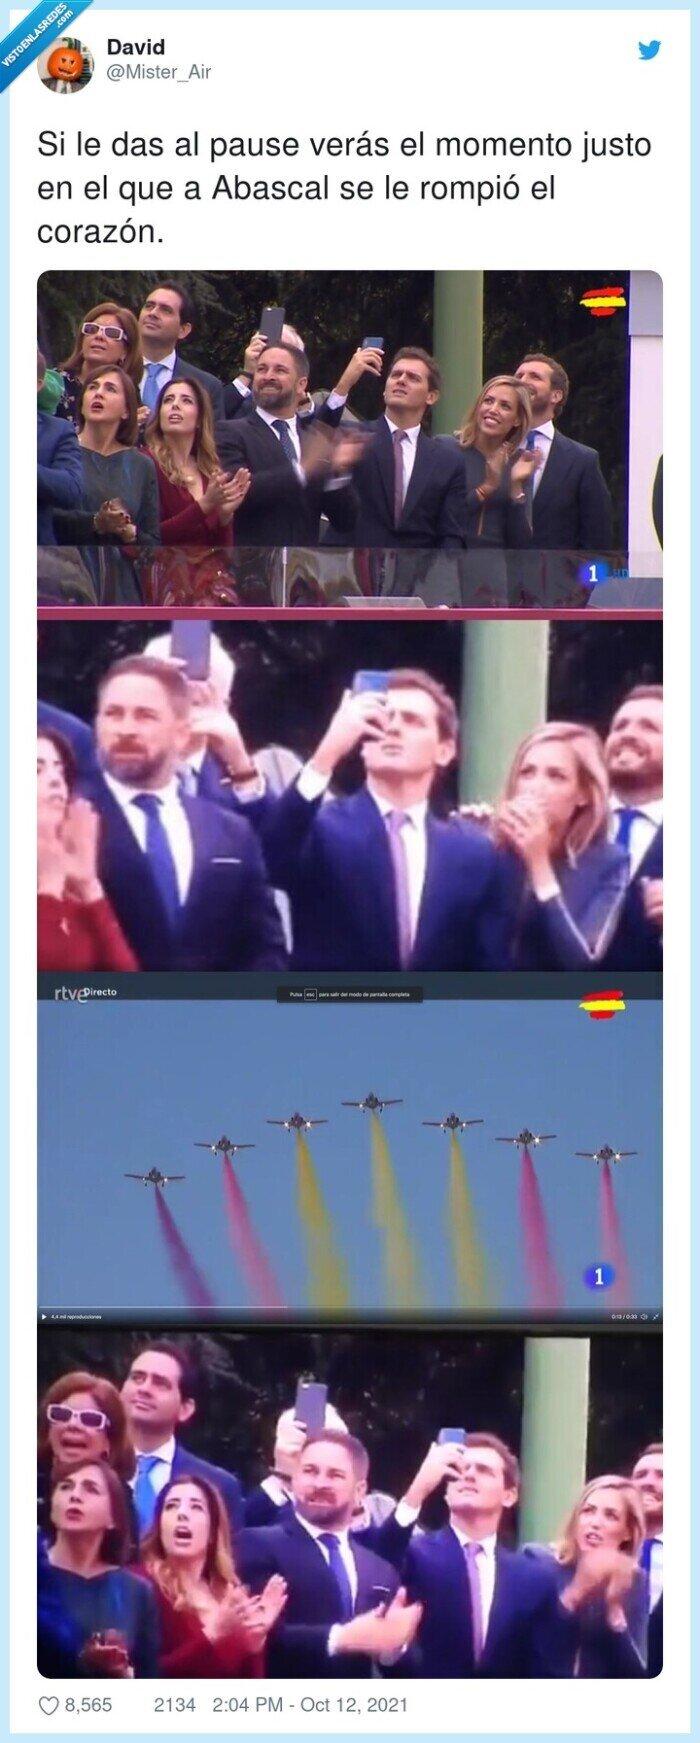 12octubre,abascal,avión,bandera,corazón,fuerzas armadas,momento,republicana